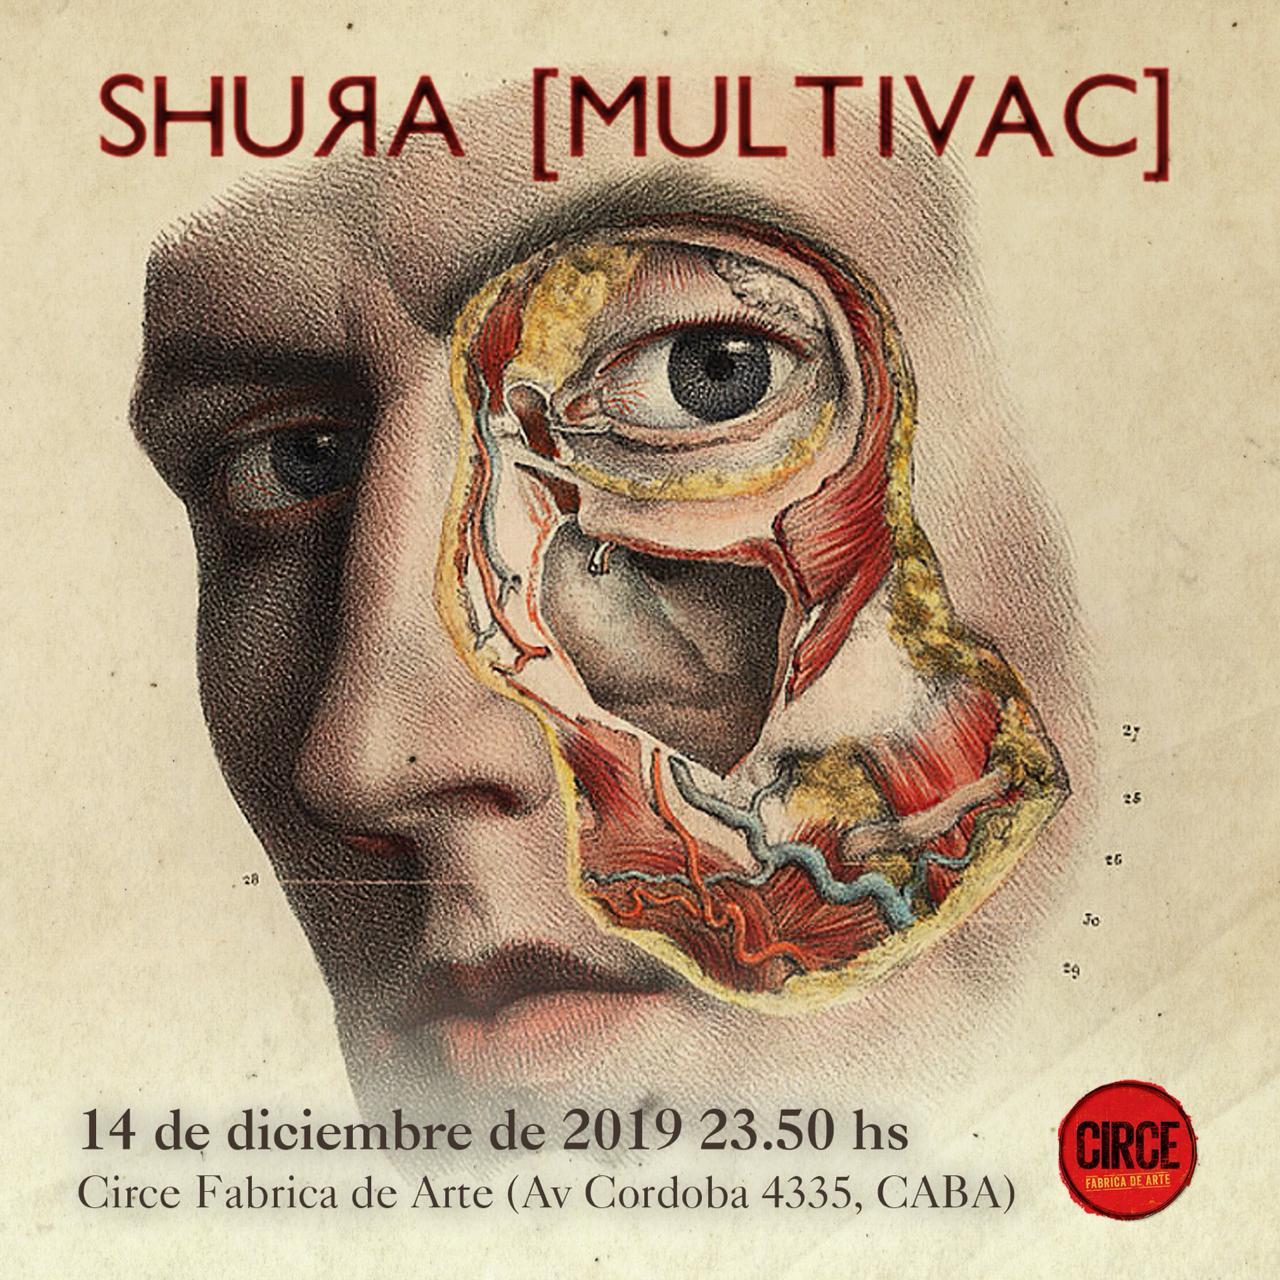 SHURA[MULTIVAC]despideEL VALLE INQUIETANTE en su último recital del año